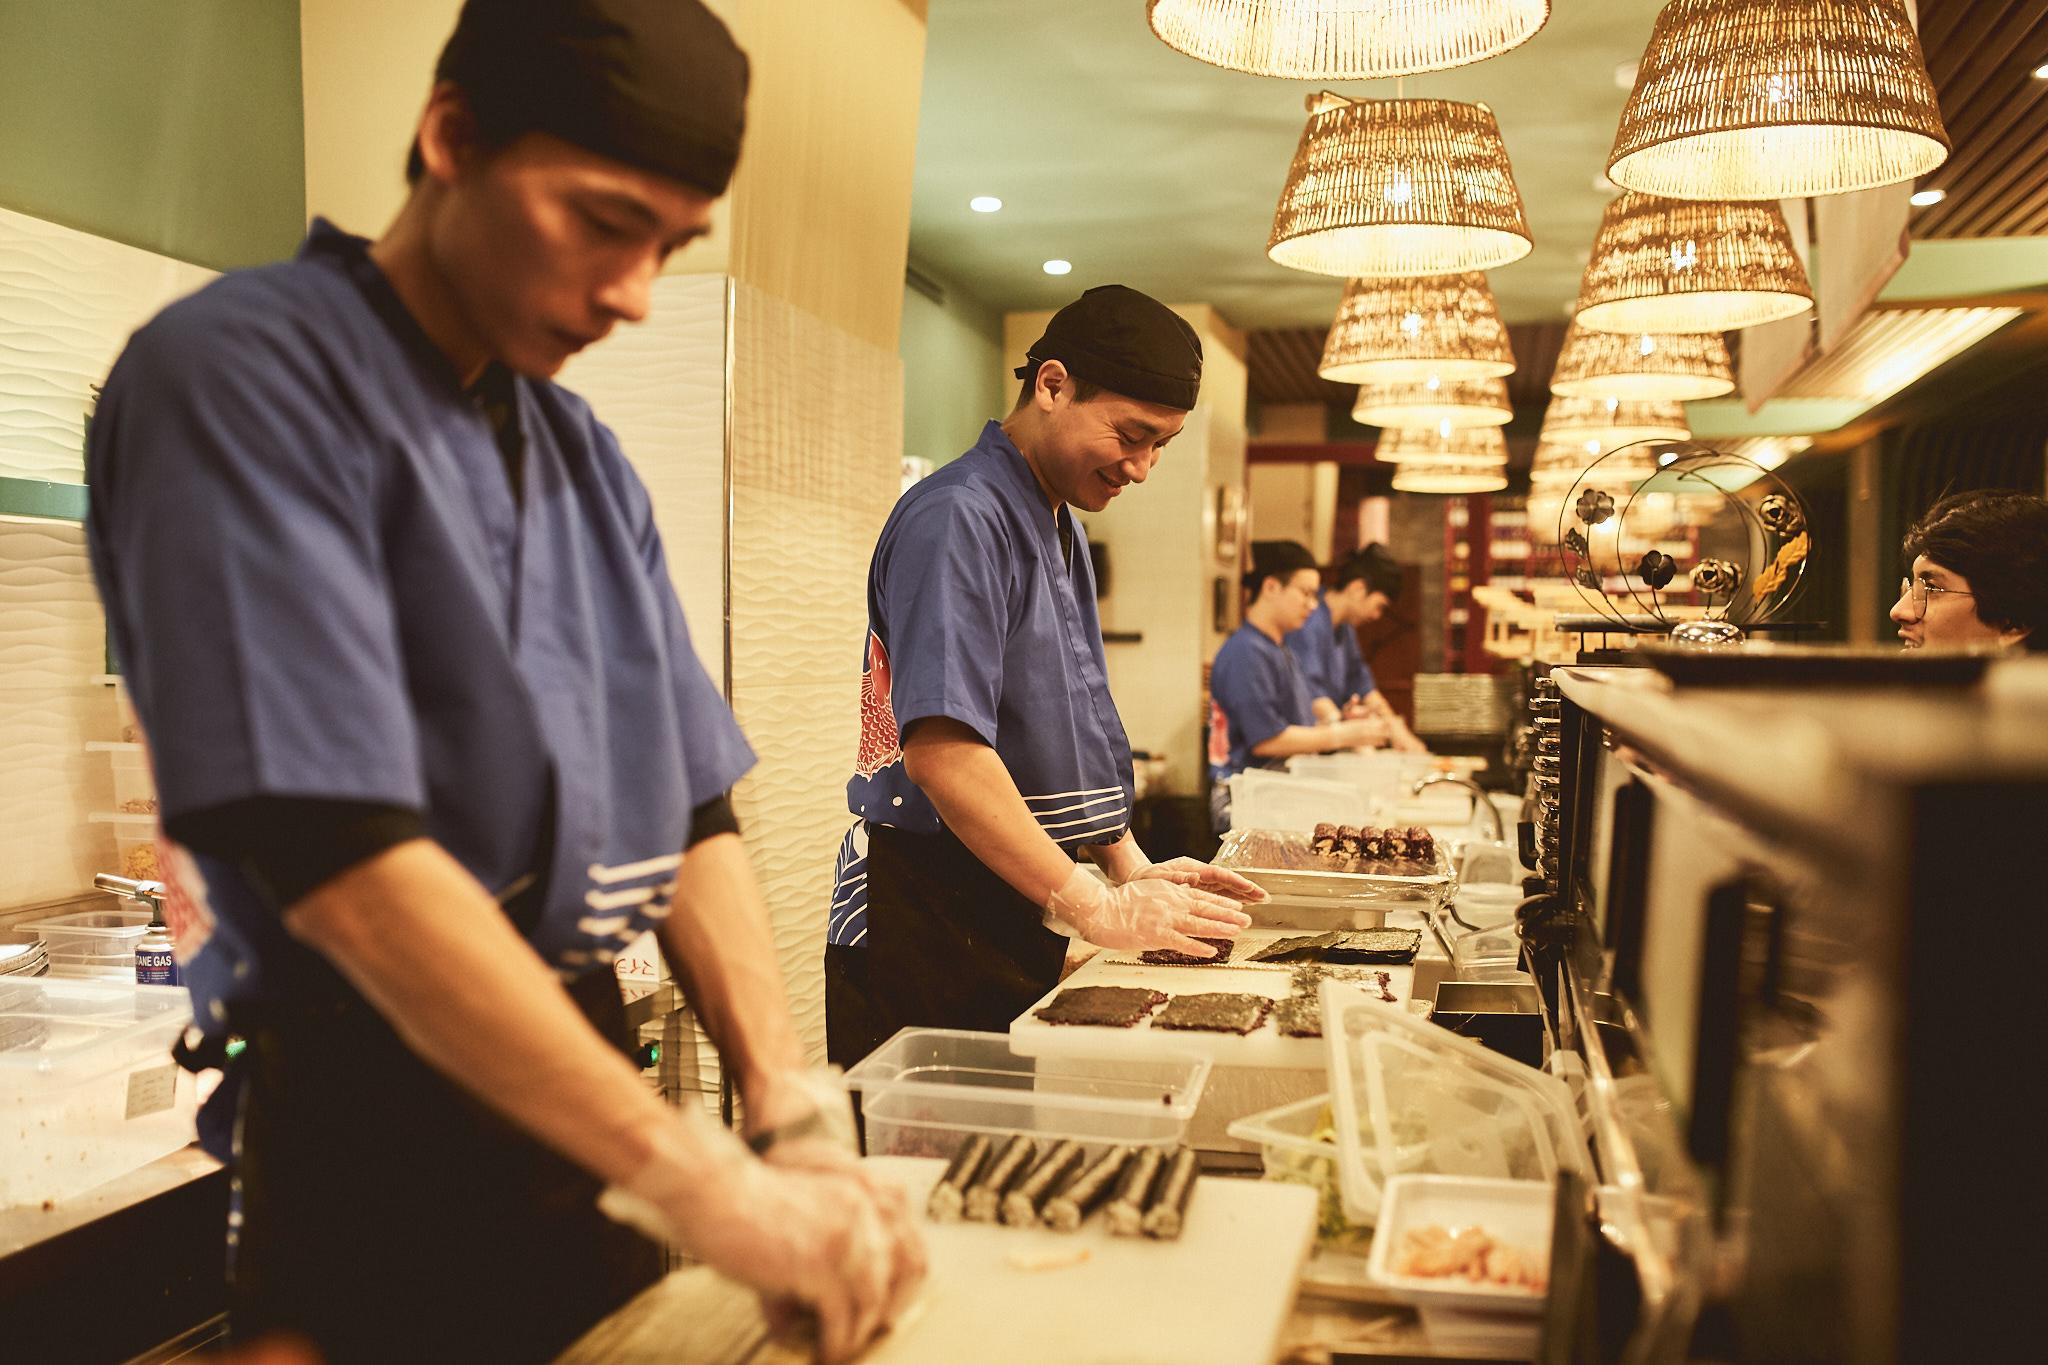 preparazione sushi Huobi Mercato Orientale